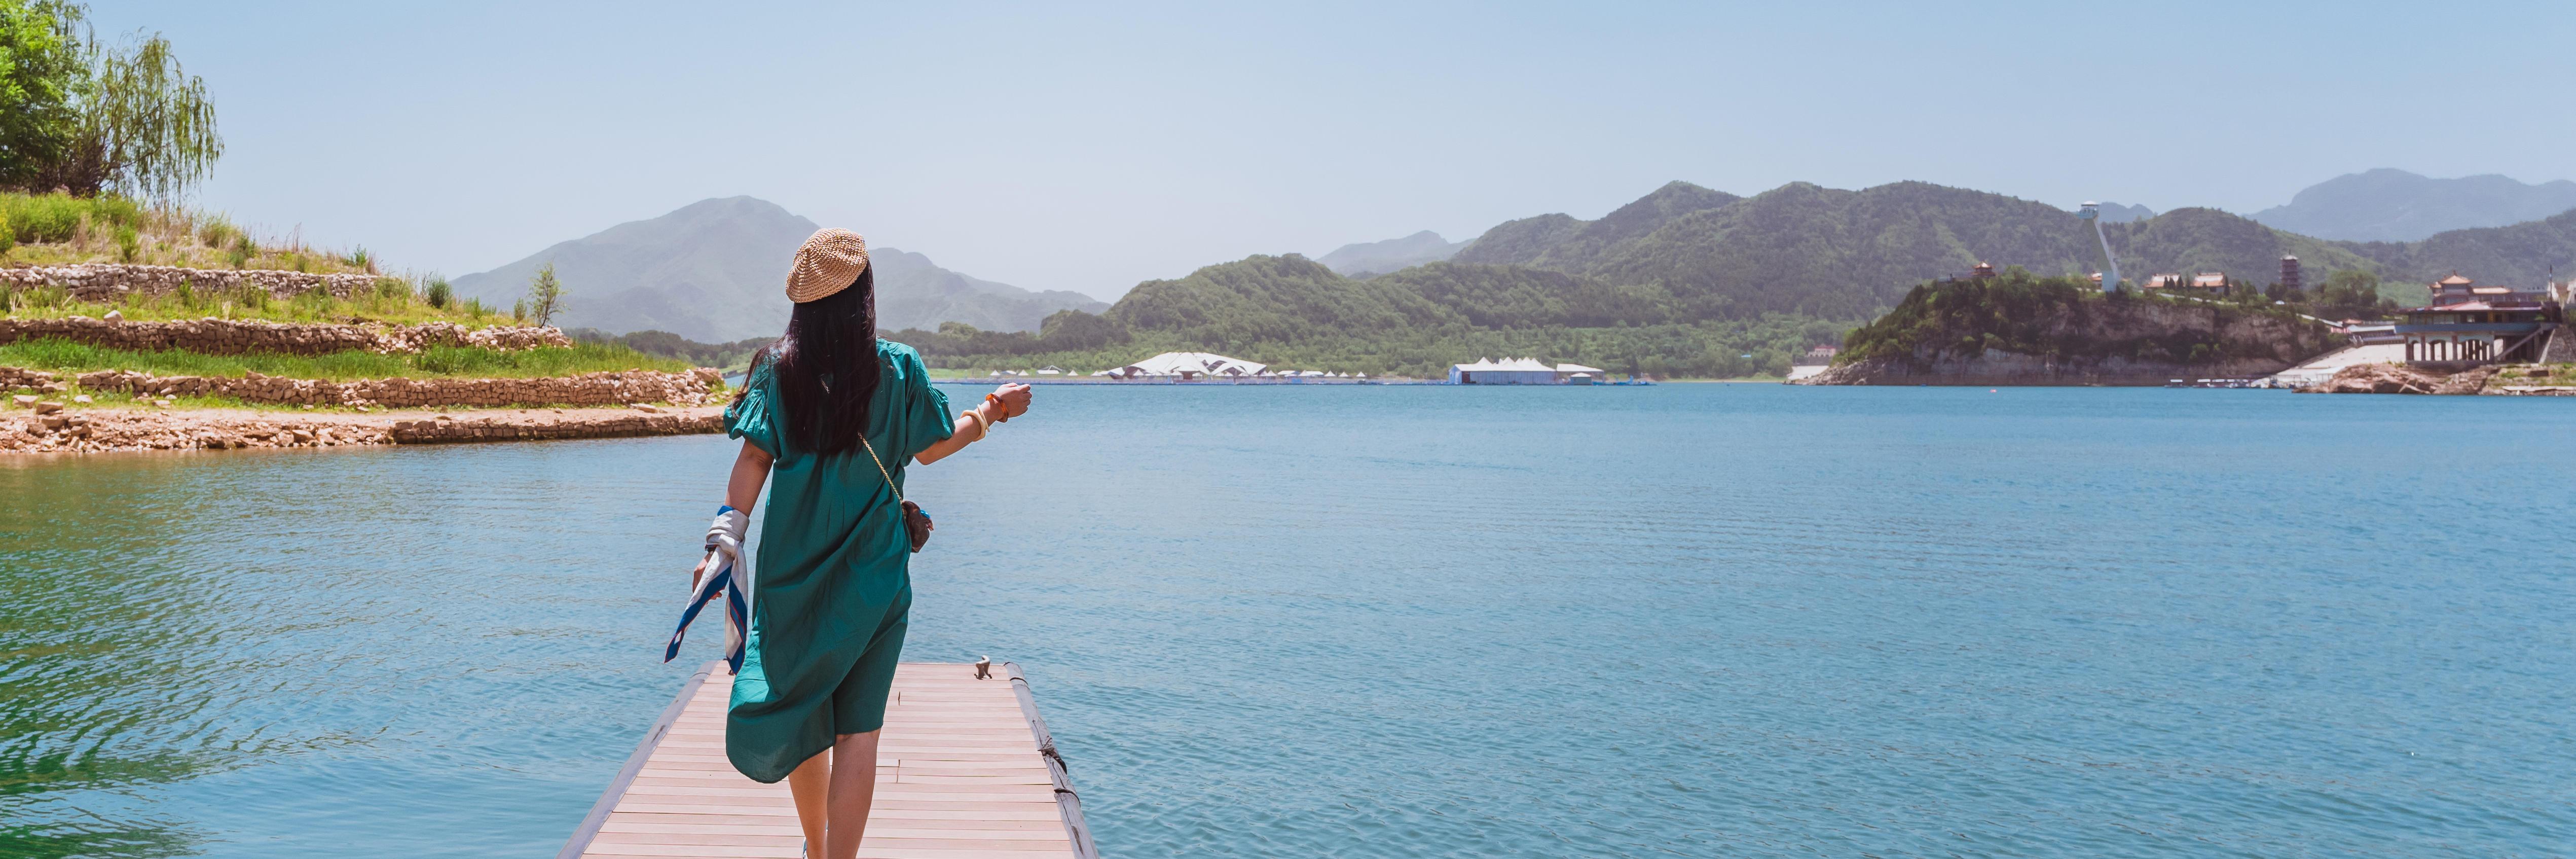 假装在瑞士|北京金海湖度假好去处